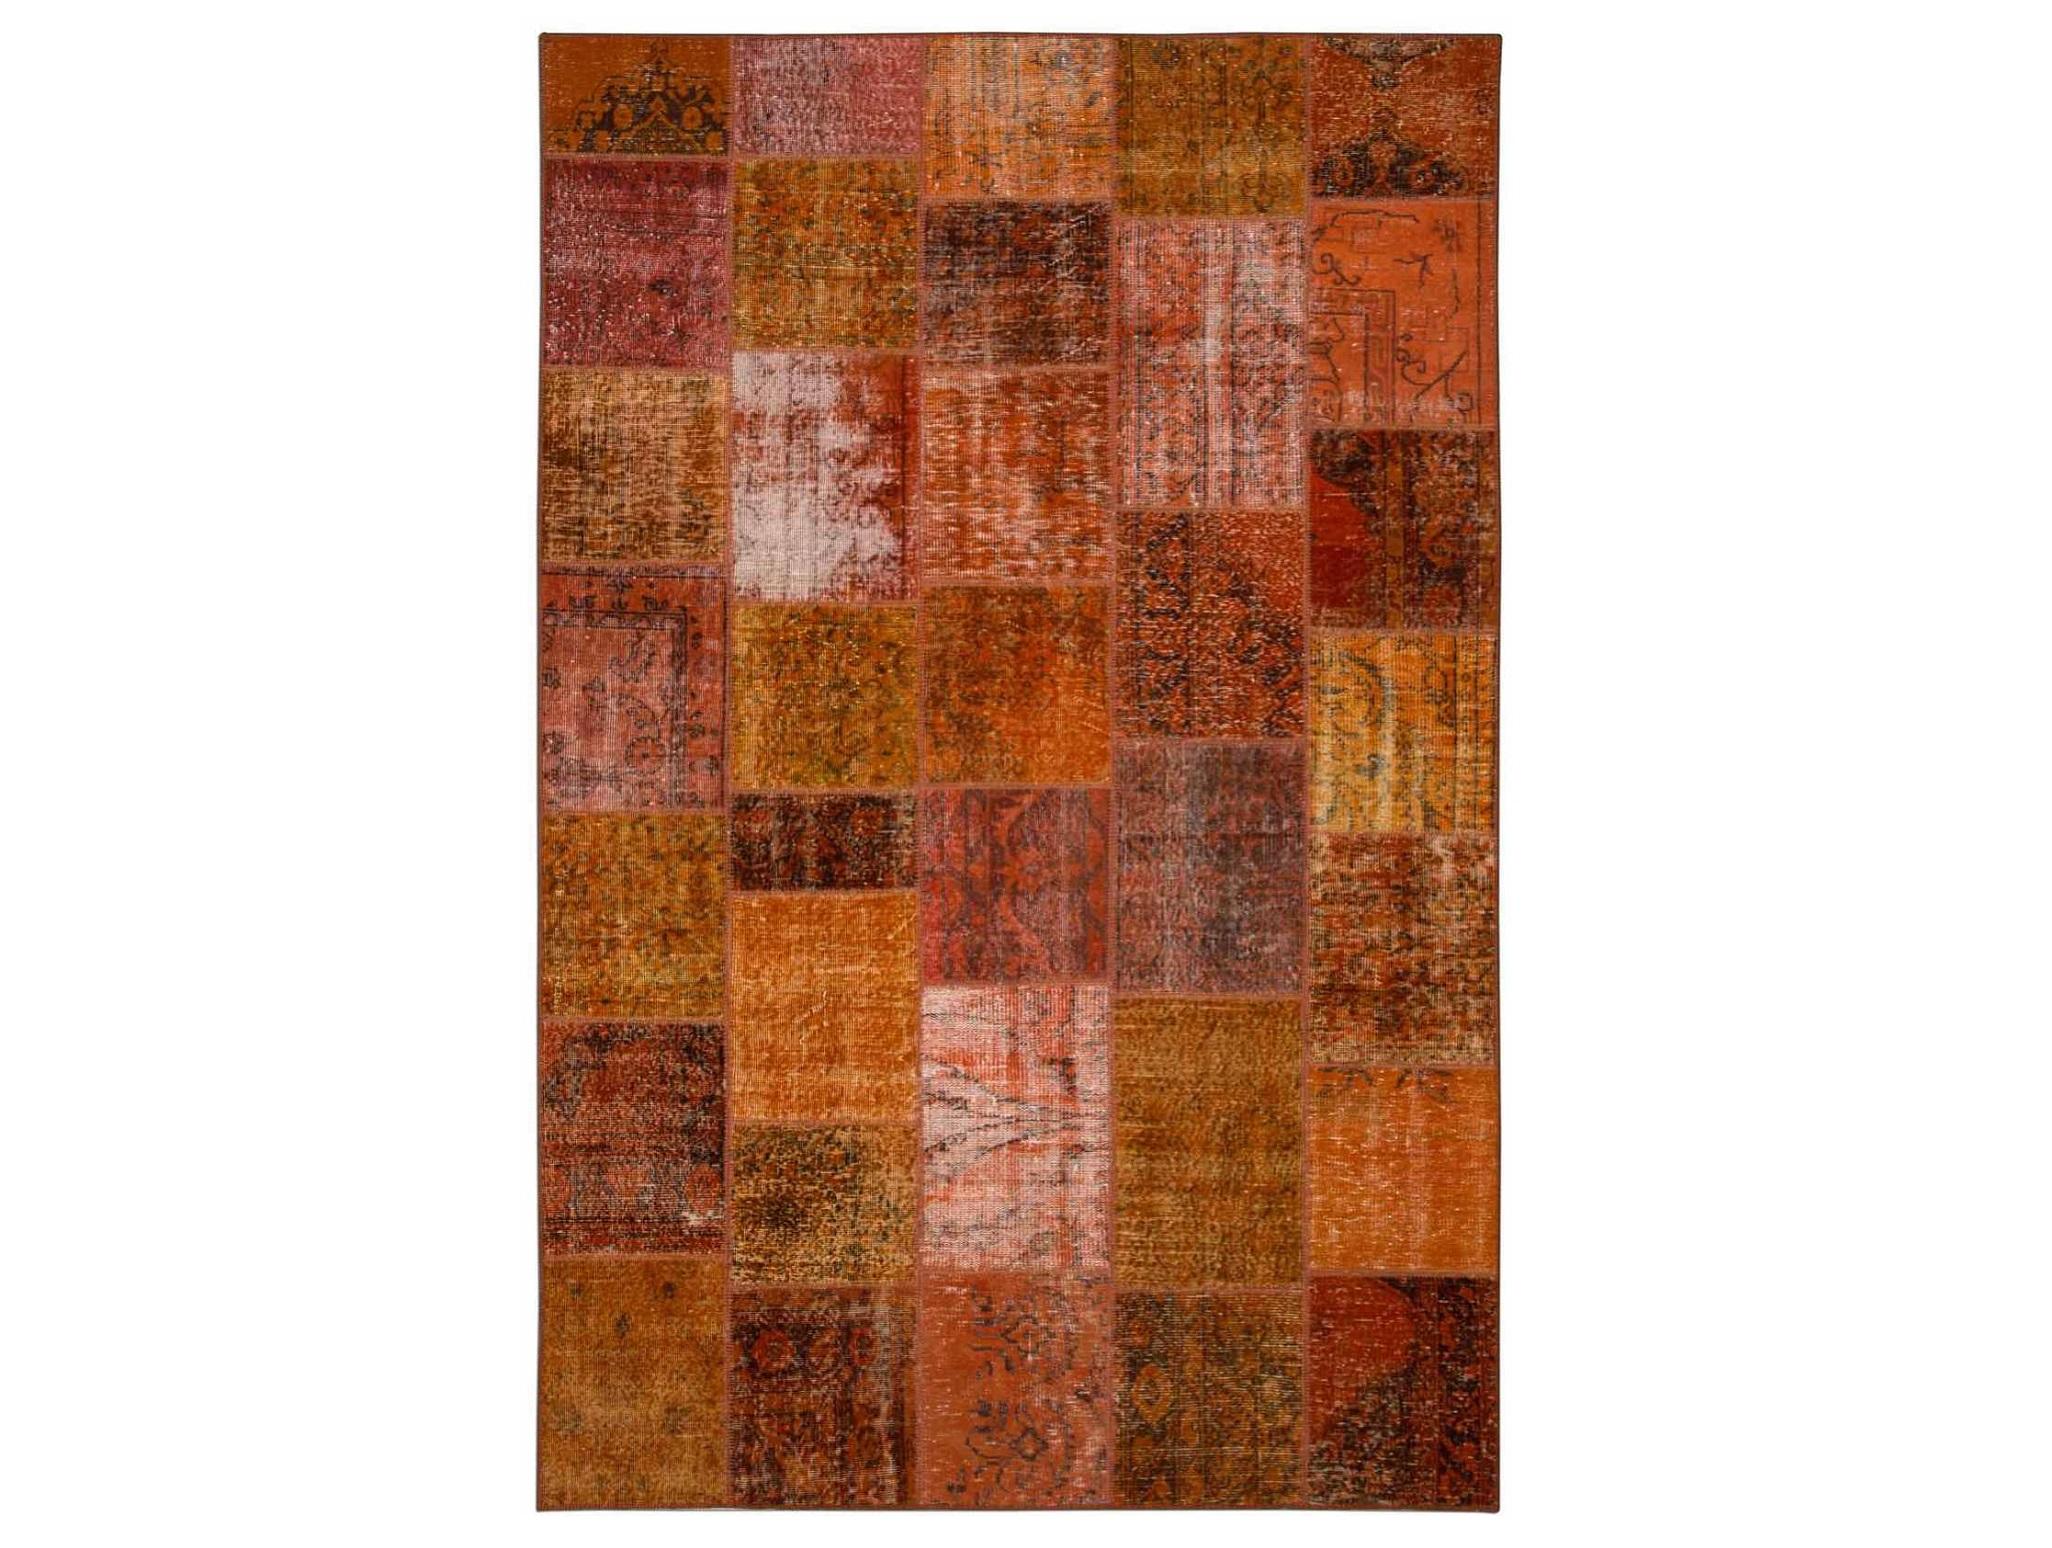 Ковер PatchworkПрямоугольные ковры<br>Винтажный ковер ручной работы в стиле &amp;quot;пэчворк&amp;quot; <br>из 100% шерсти. Ковер прекрасно подходит в <br>любые современные и классические интерьеры, <br>а благодаря толщине ковра всего 5 мм. и отсутствию <br>ворса, его легко чистить любыми видами пылесосов. <br>Этот настоящий ковер ручной работы не потеряет <br>своих красок и будет служить десятилетия.<br><br>Material: Шерсть<br>Ширина см: 192<br>Глубина см: 295